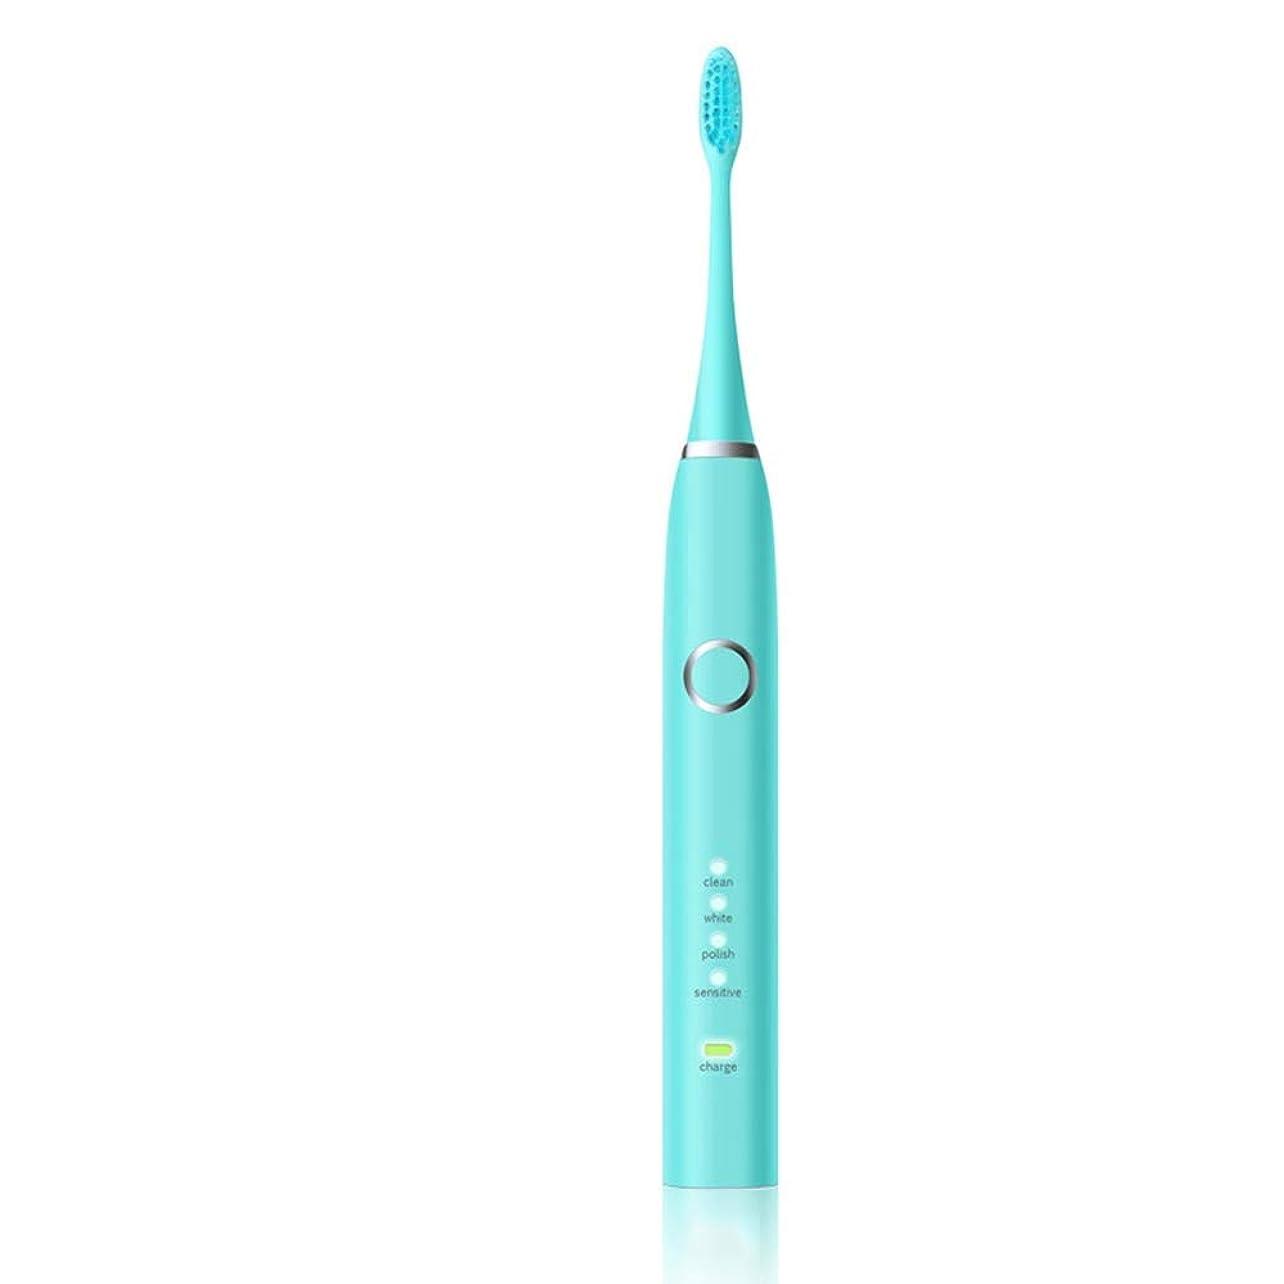 ビザオープニング治す電動歯ブラシ 歯ブラシを白くするUSB??の充満基礎ホルダーの柔らかい毛と防水電動歯ブラシ (色 : 緑, サイズ : Free size)